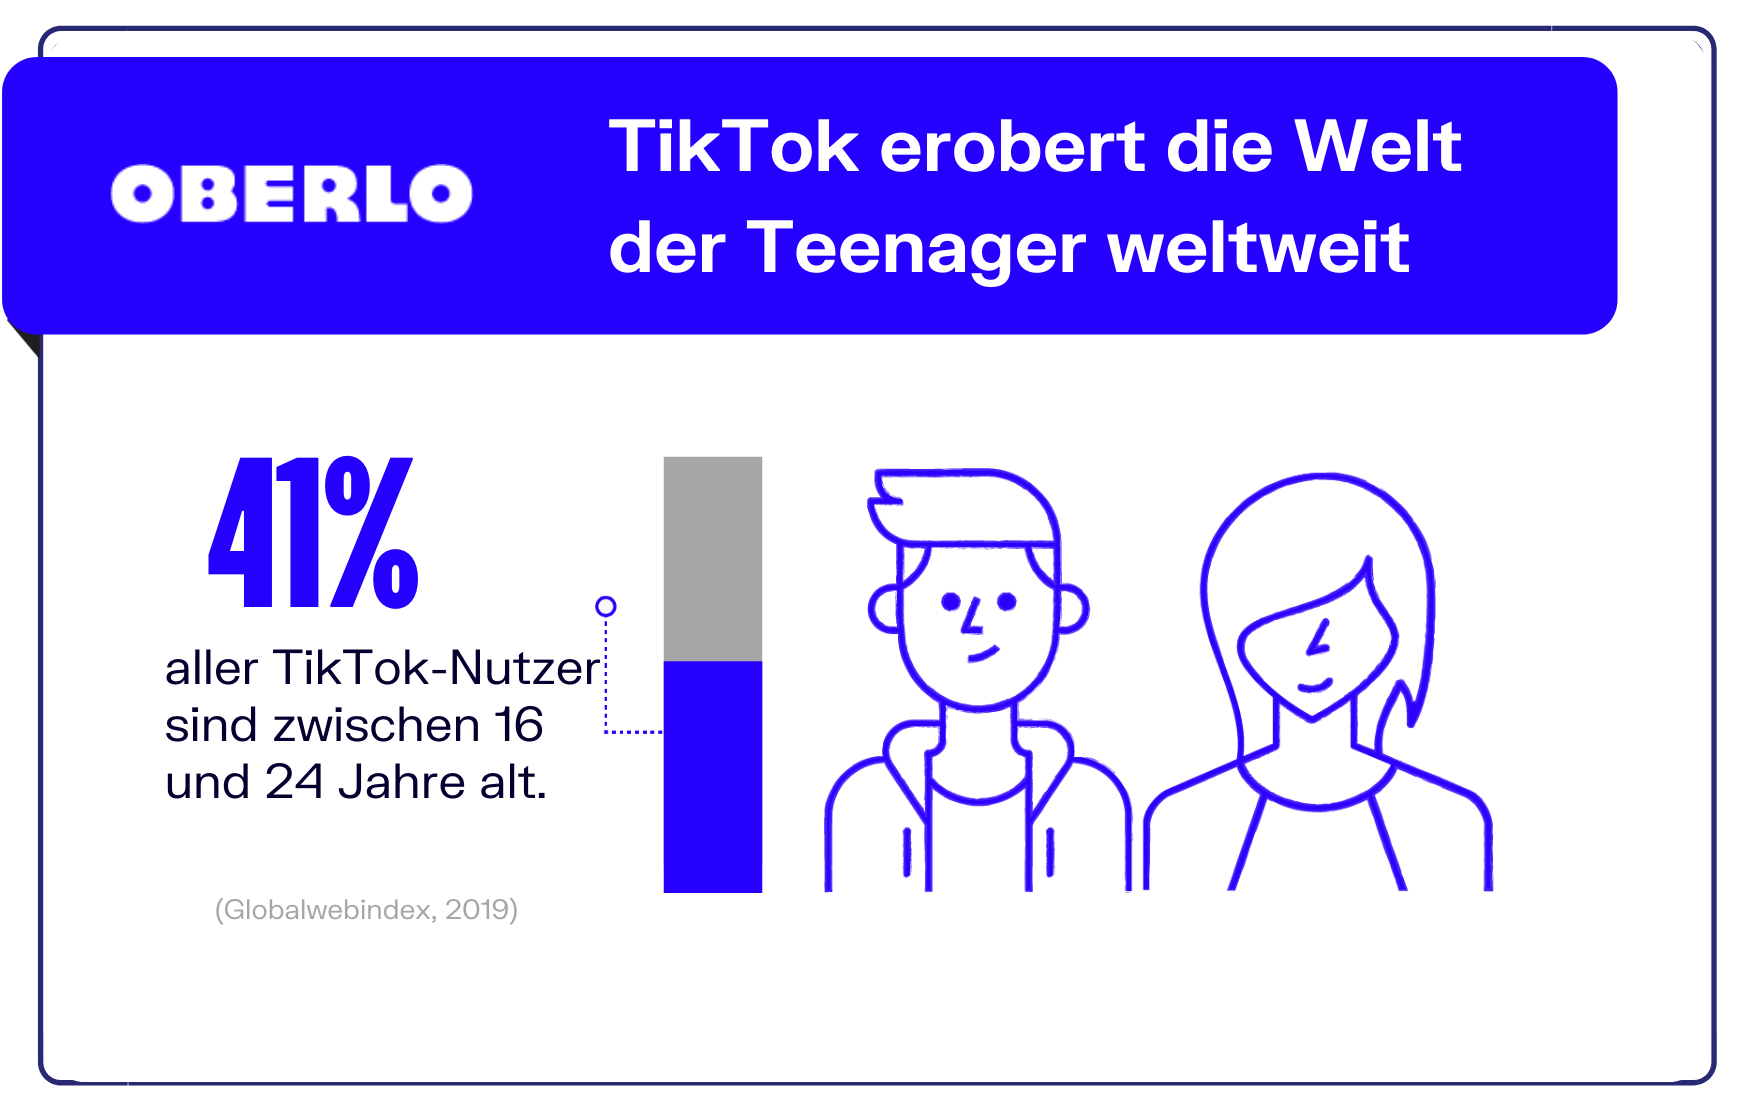 Jugendliche TikTok Nutzer